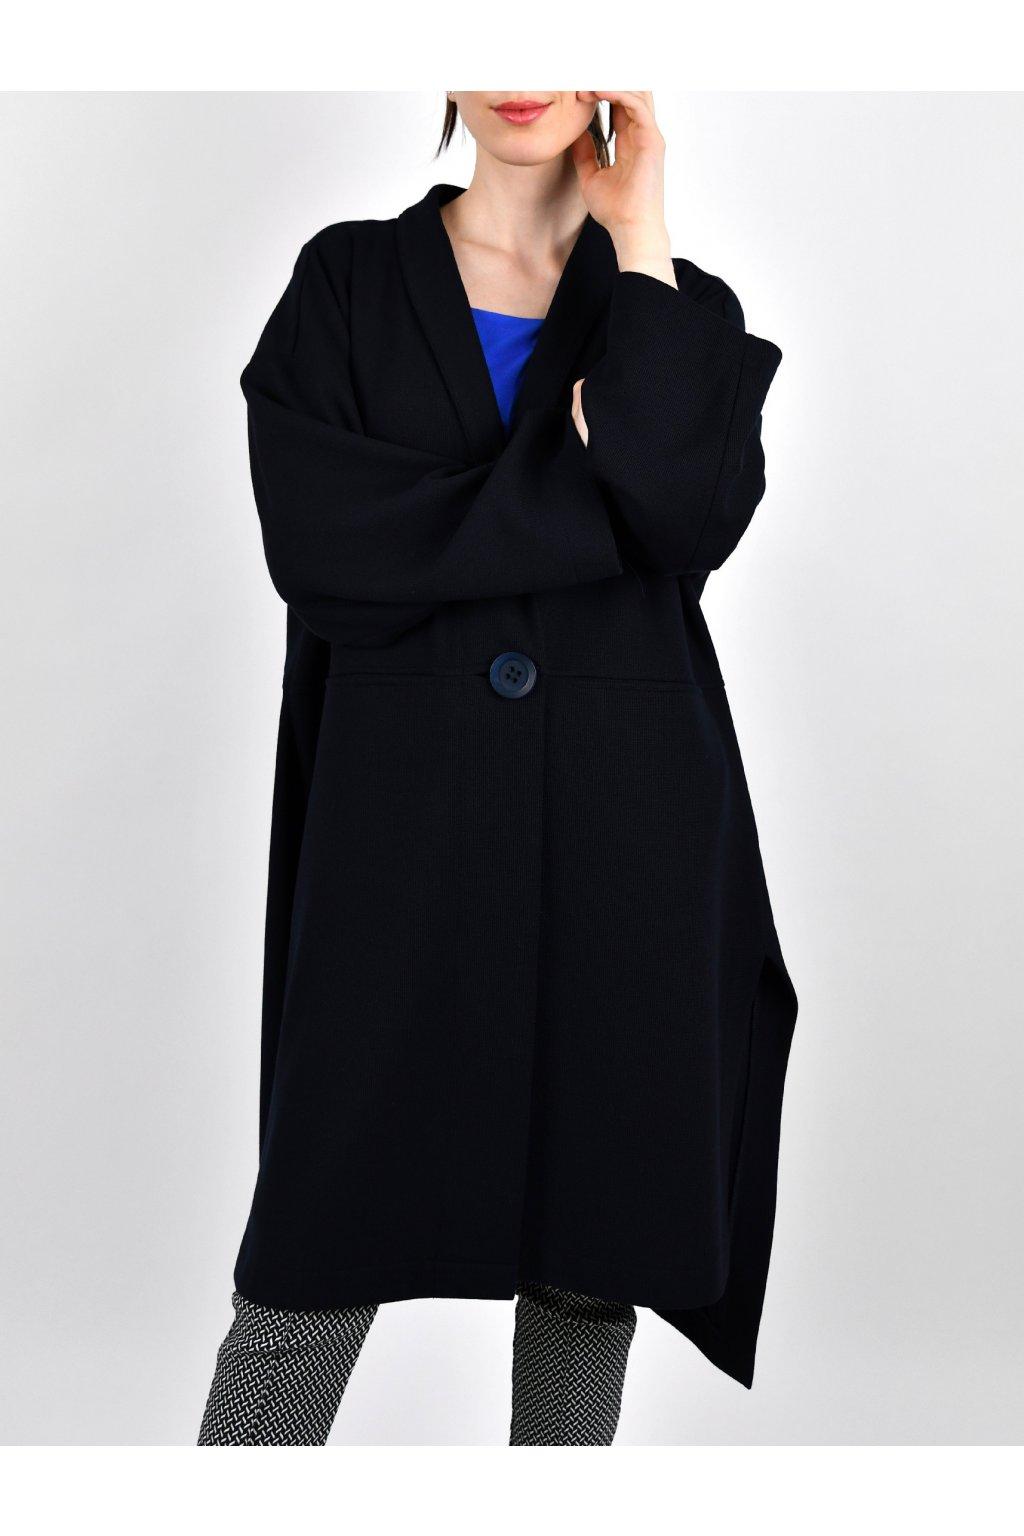 Kabát ležérny - KIRIL